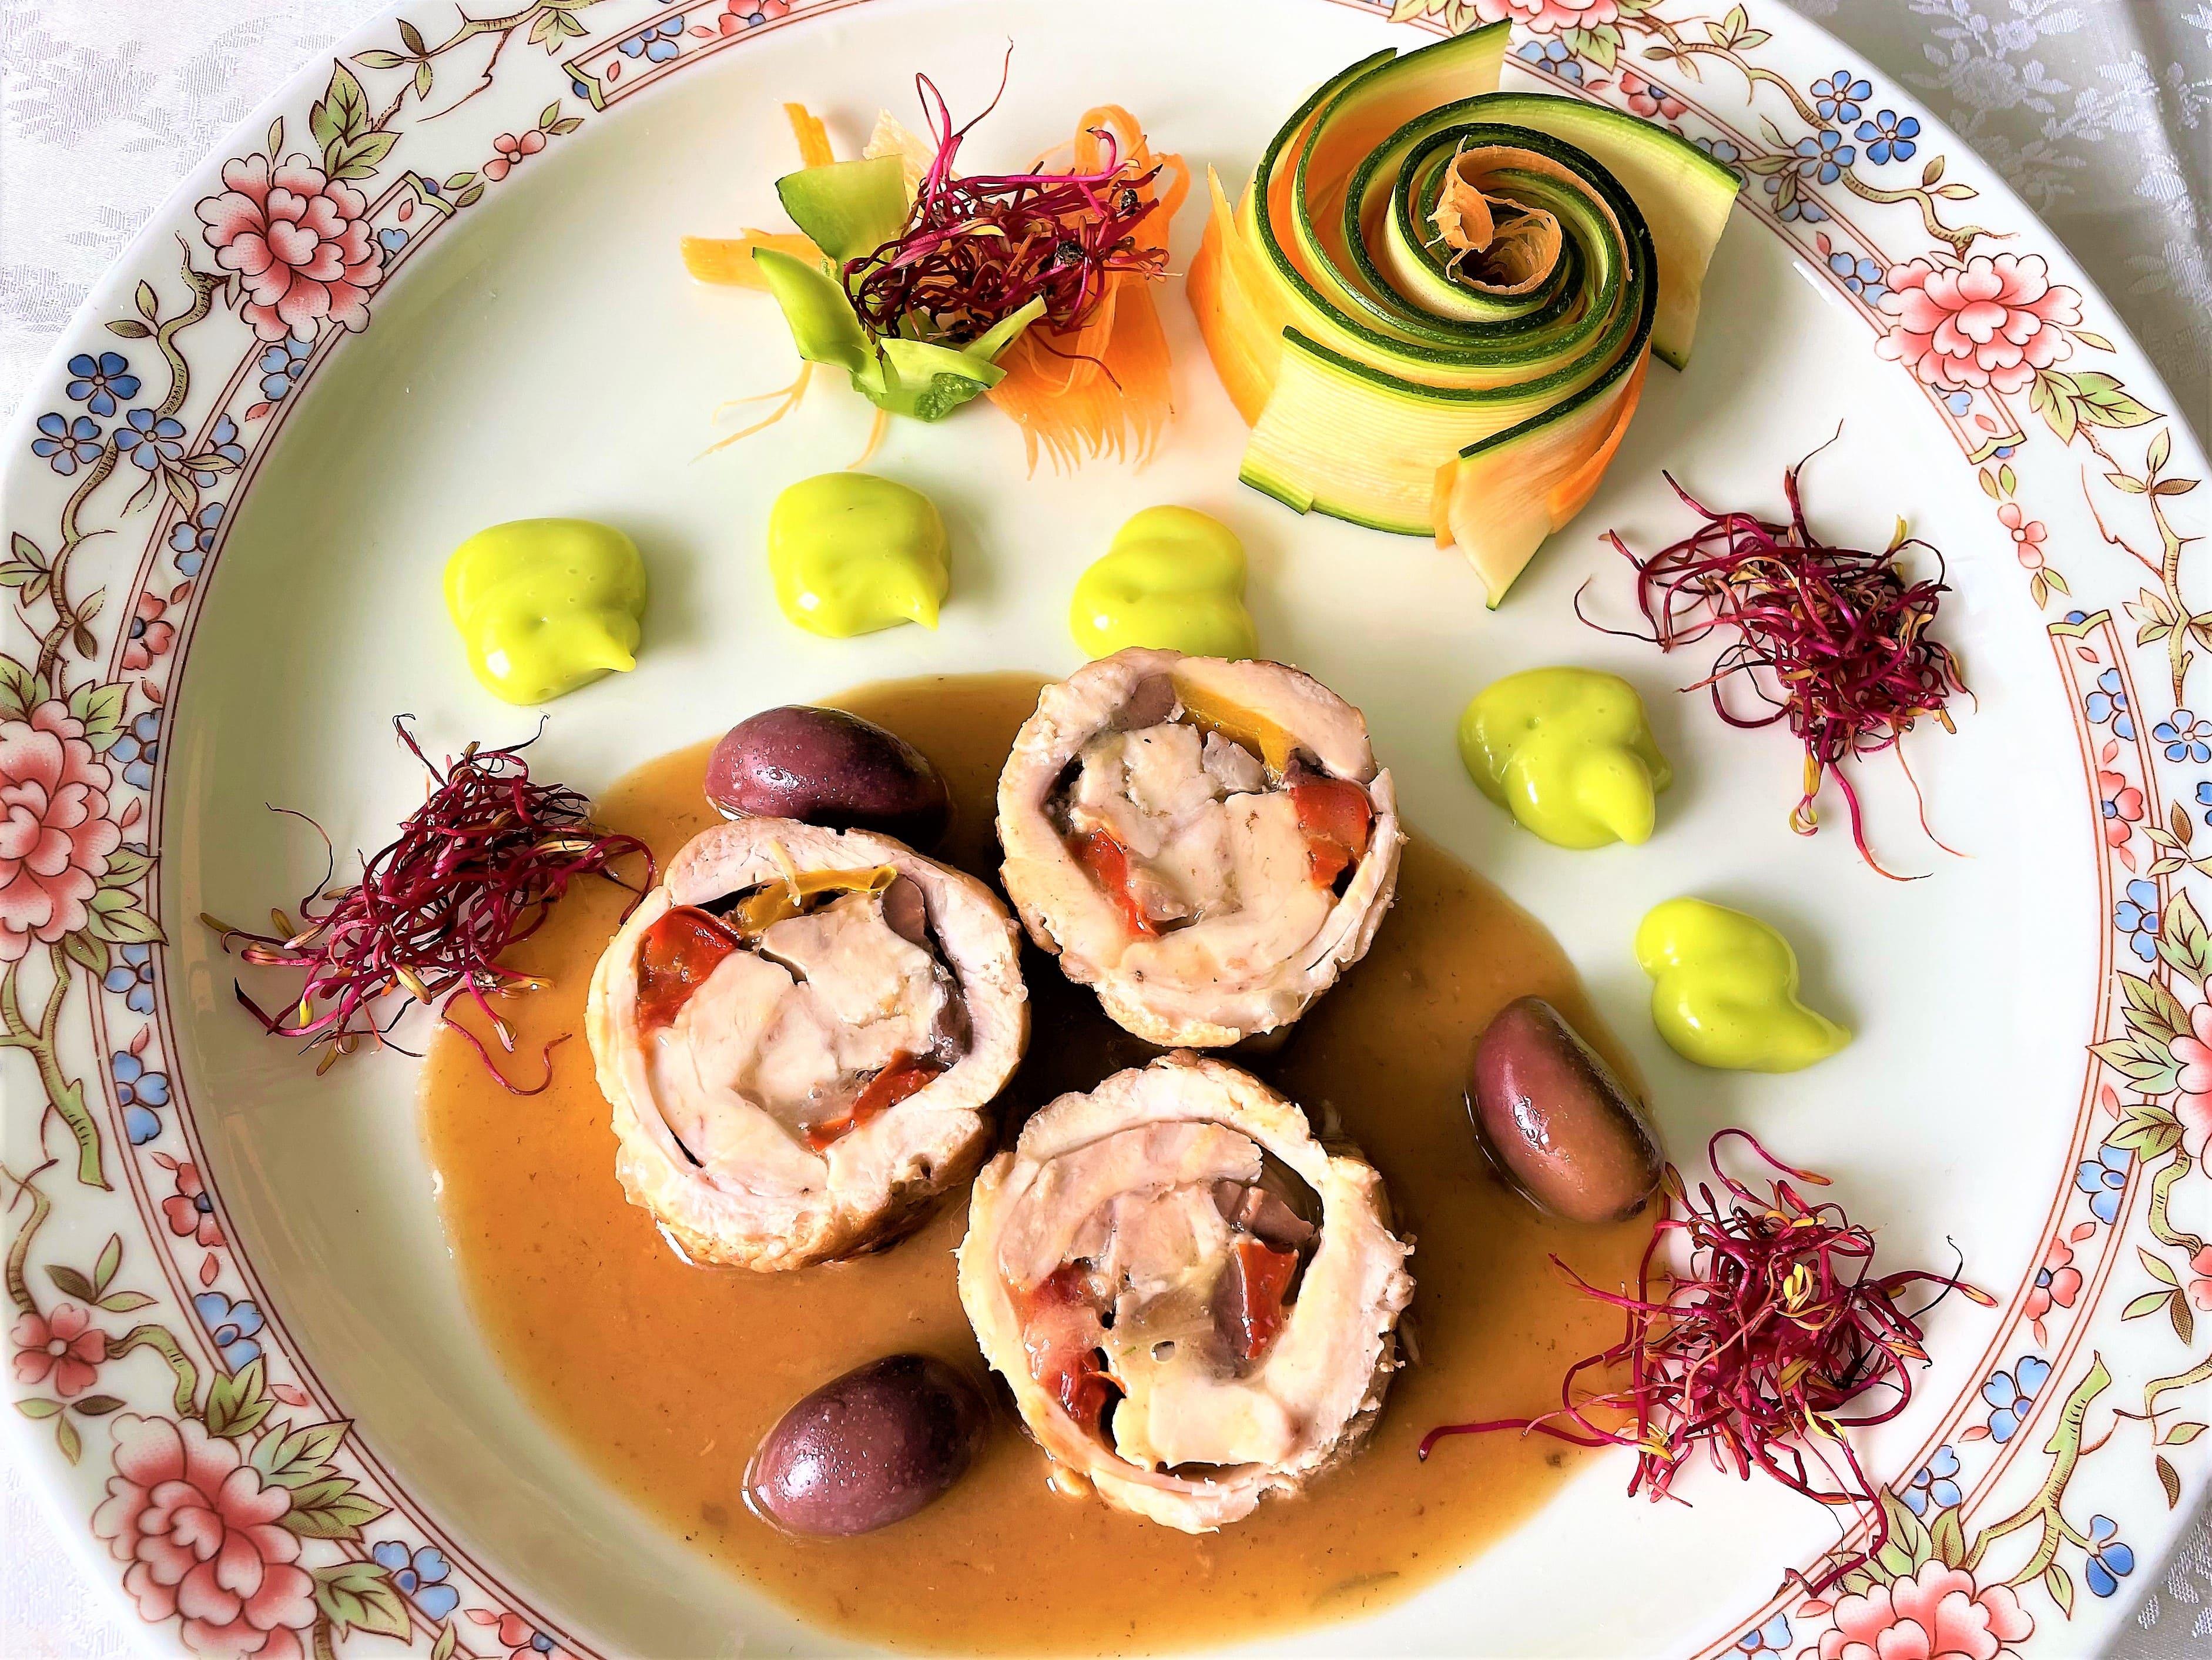 Cosce-di-coniglio-con-peperoni-e-olive-kelemata.